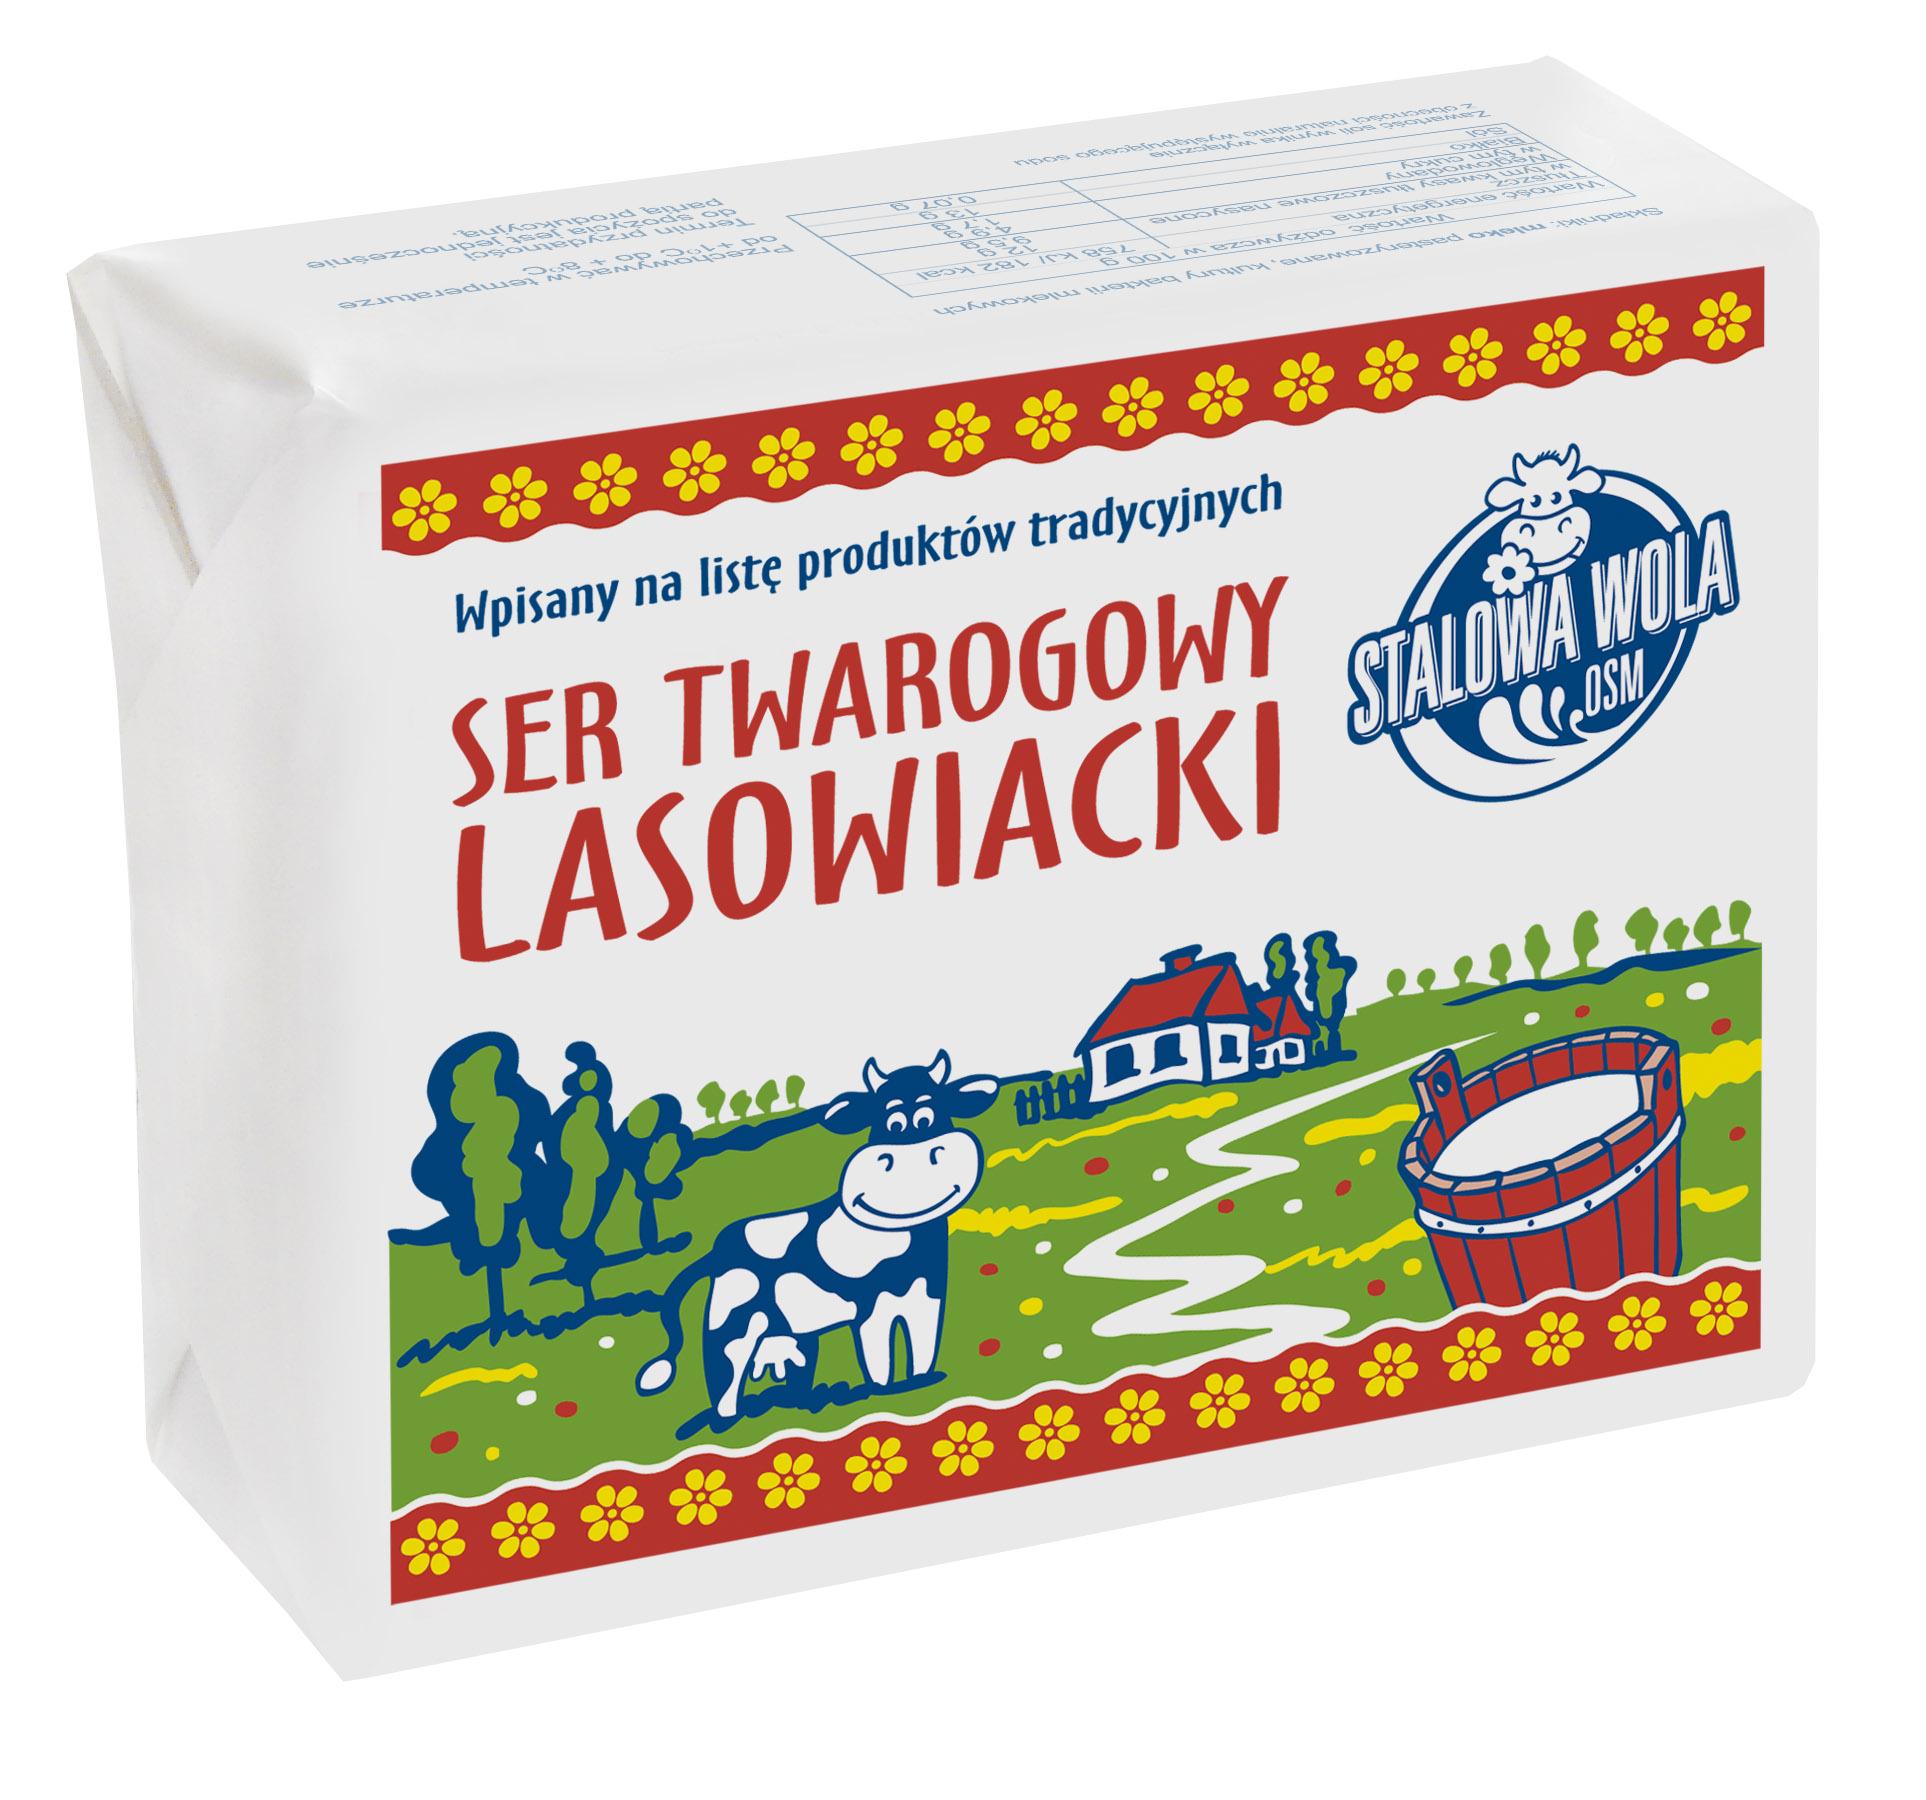 Ser Twarogowy Lasowiacki